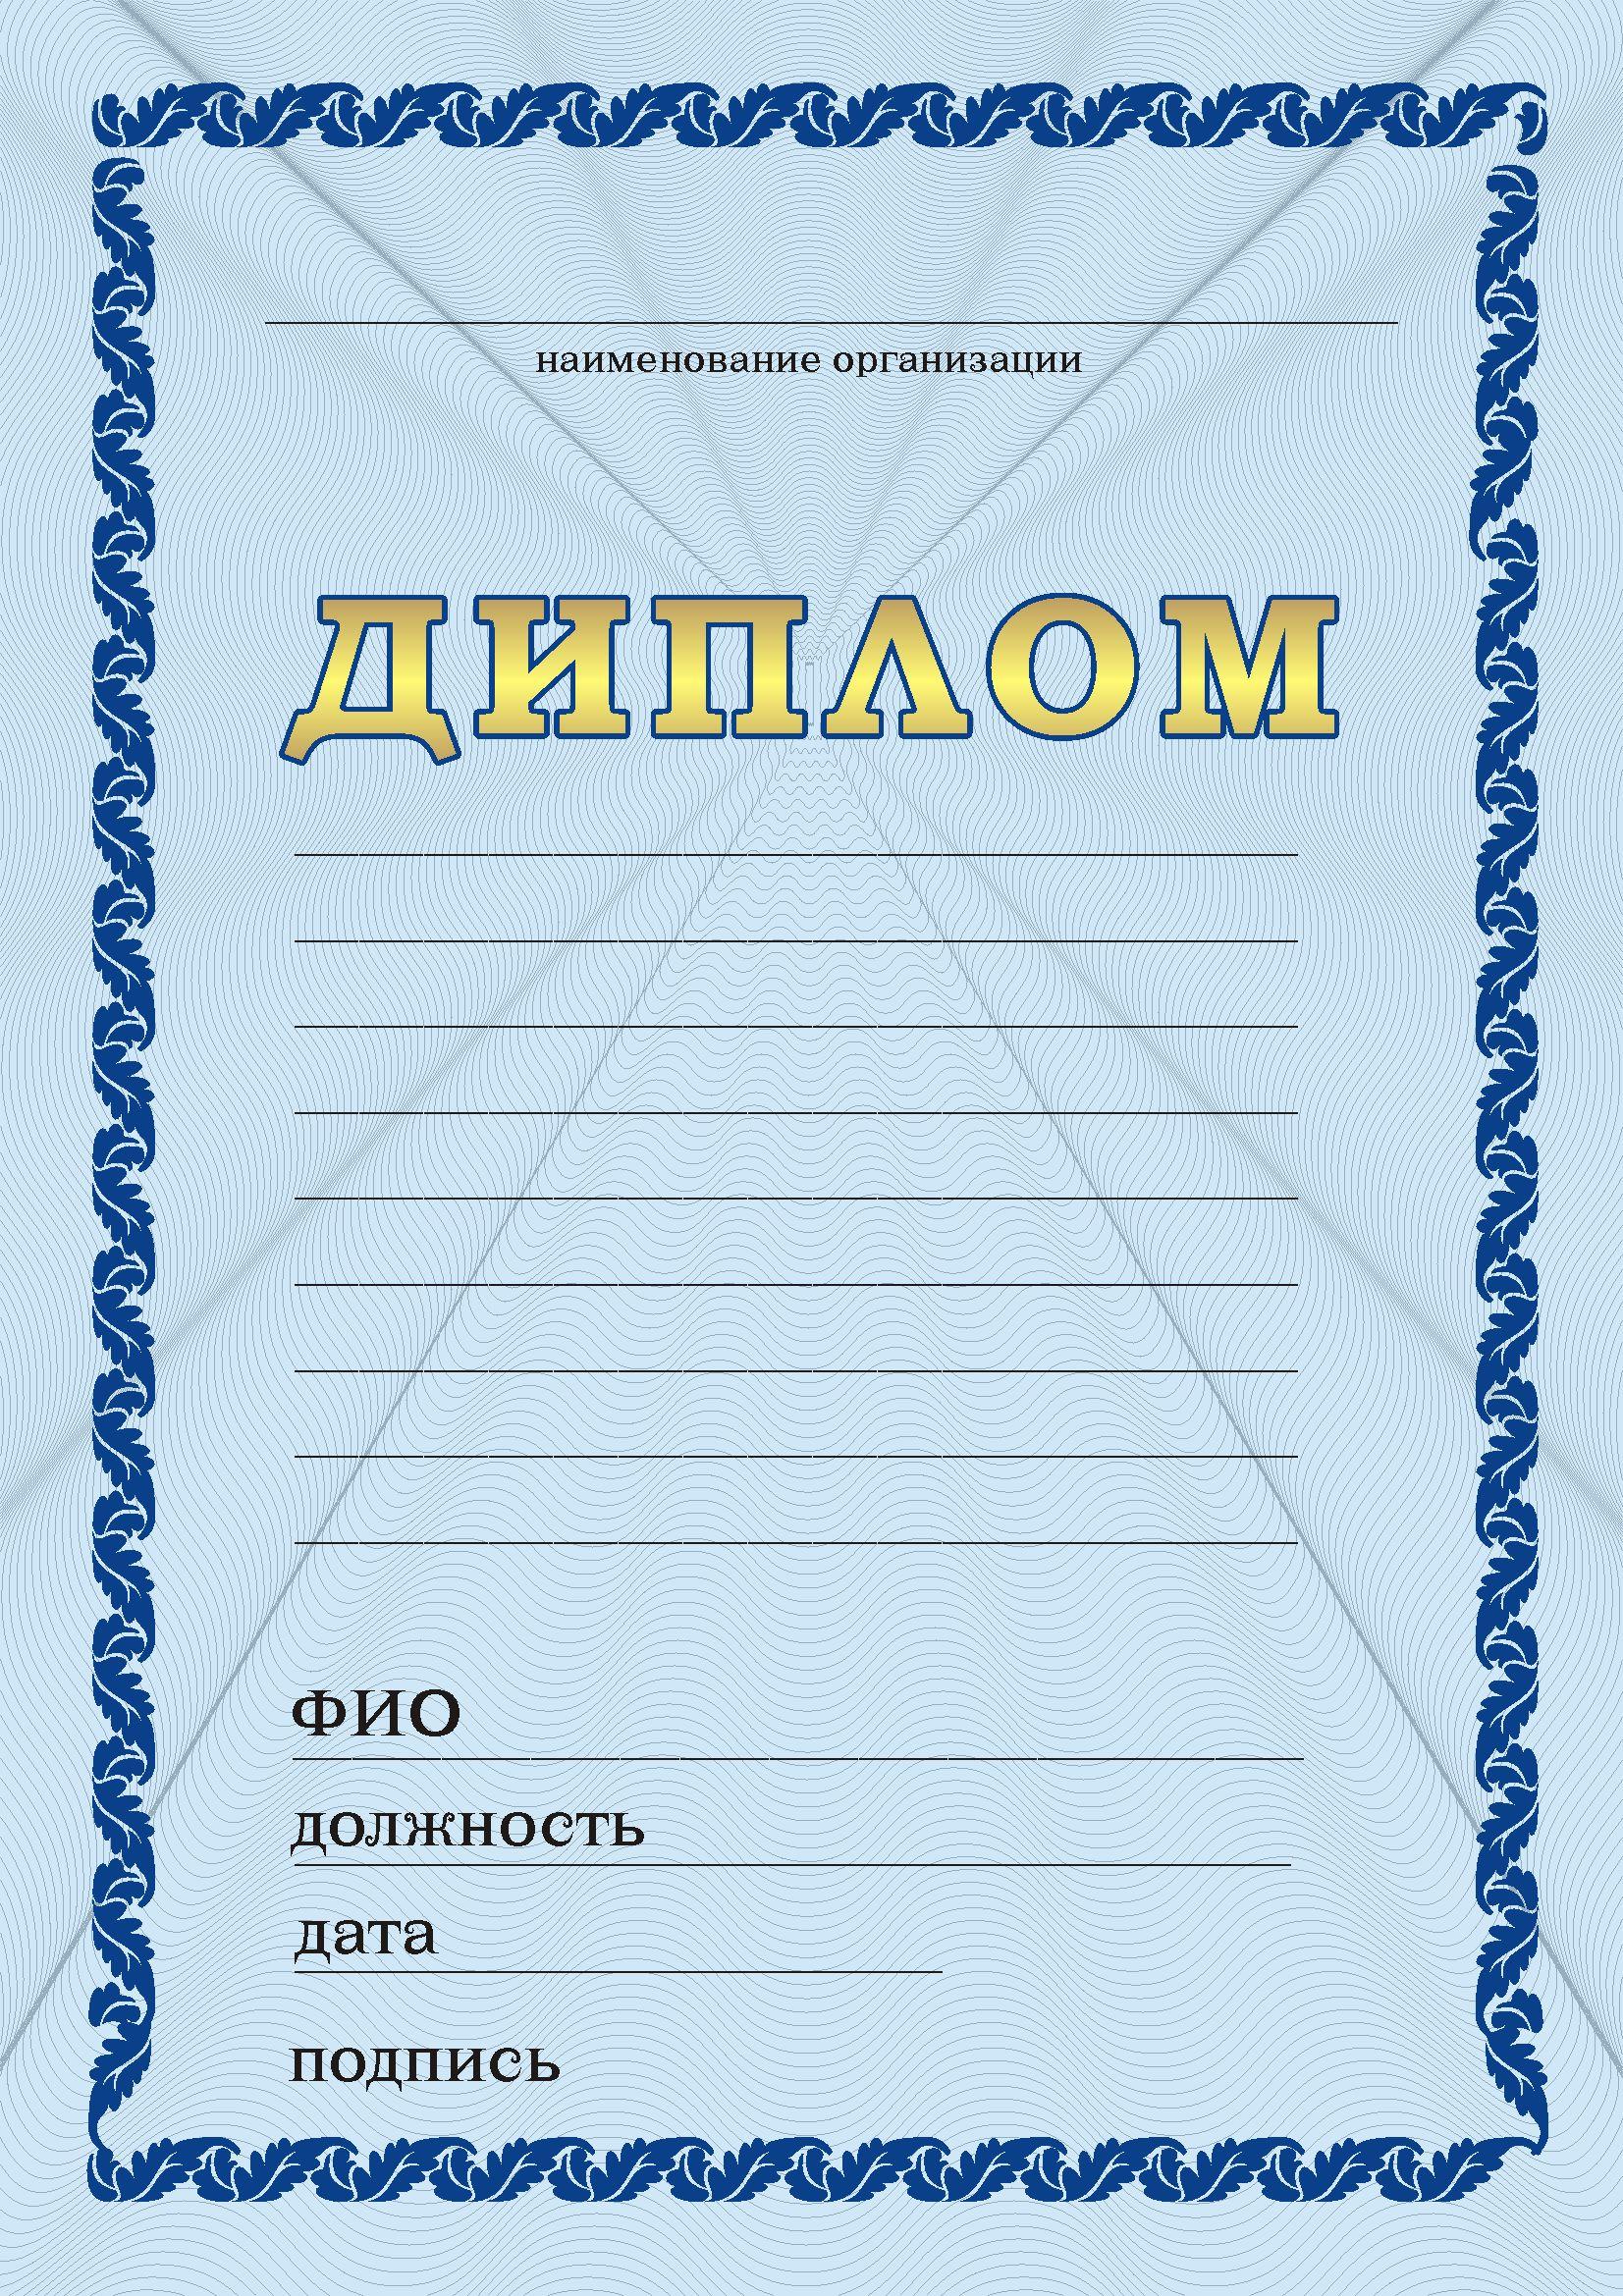 В типографию перепечатка online и offline